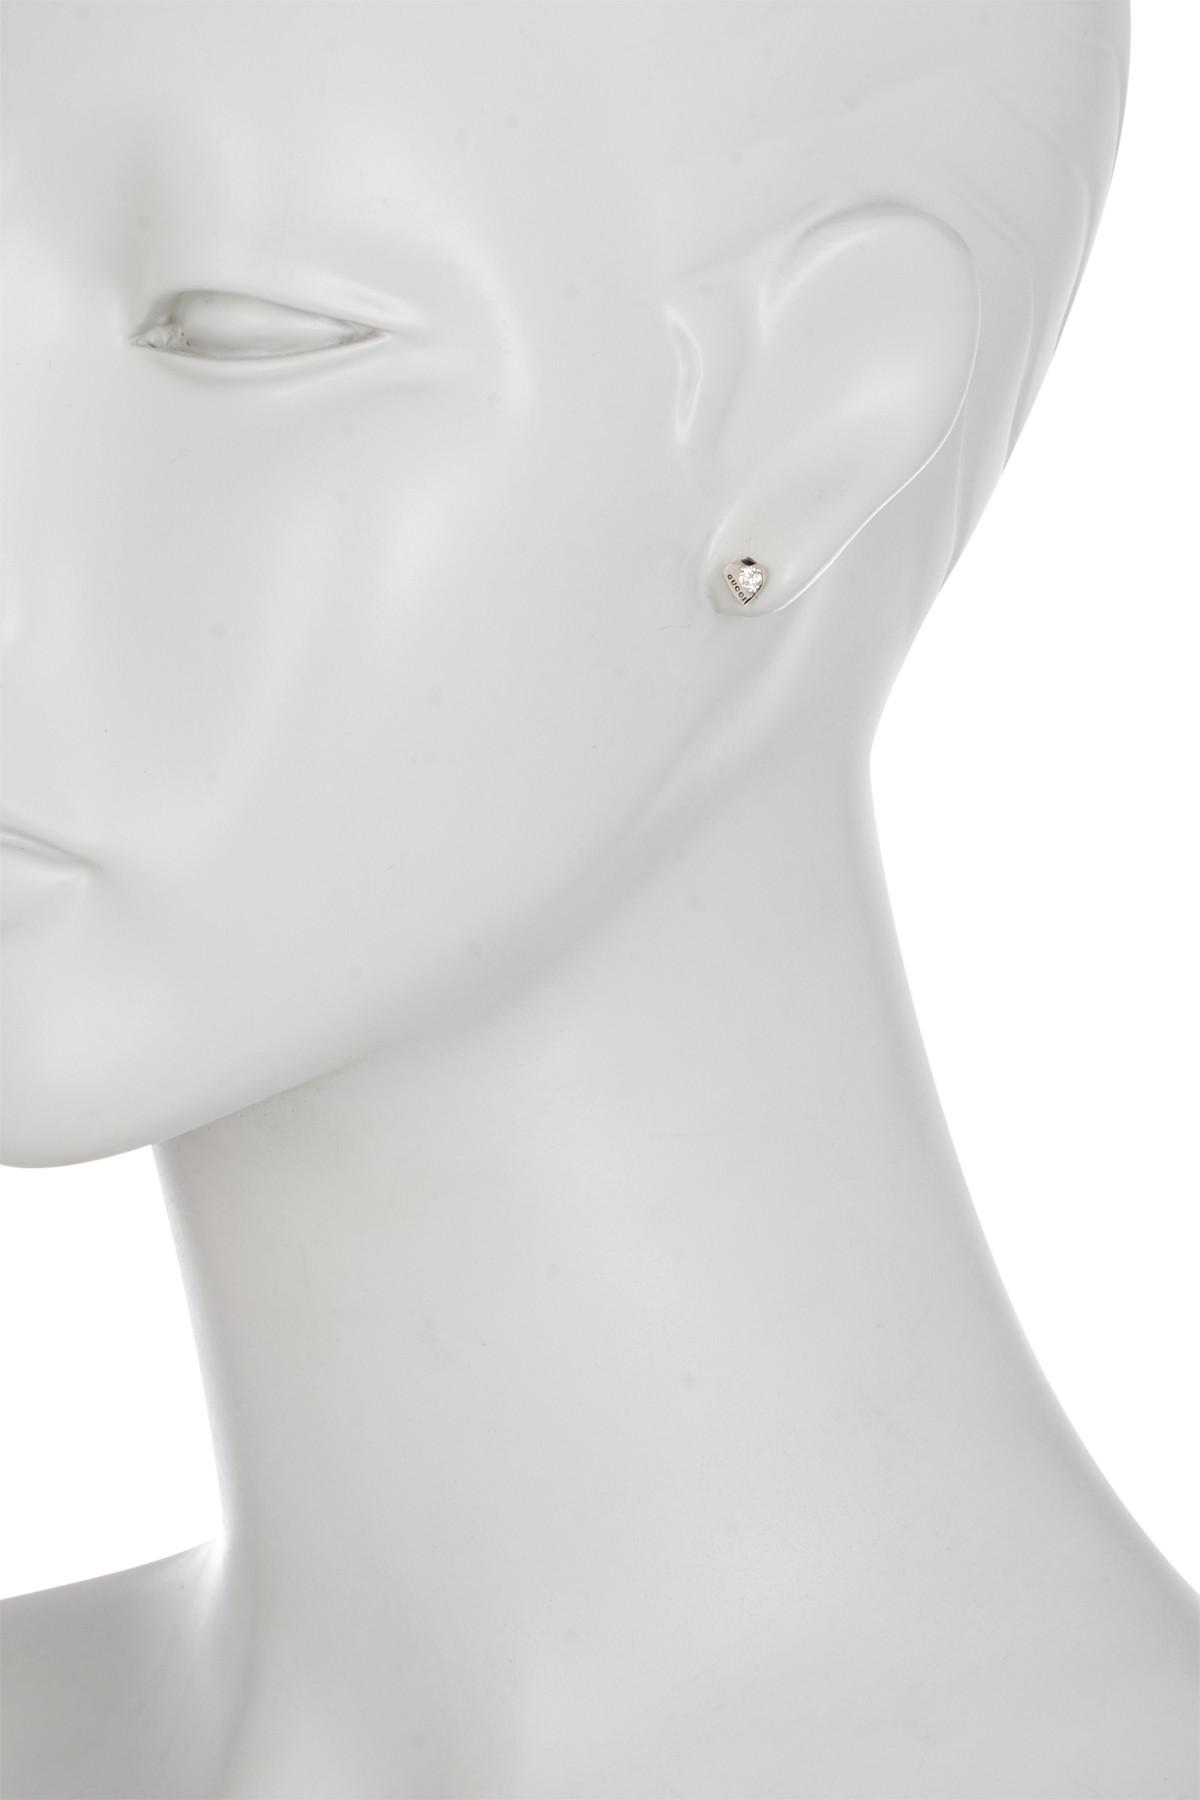 1880793f0 Gucci 18k White Gold Trademark Diamond Heart Stud Earrings in ...